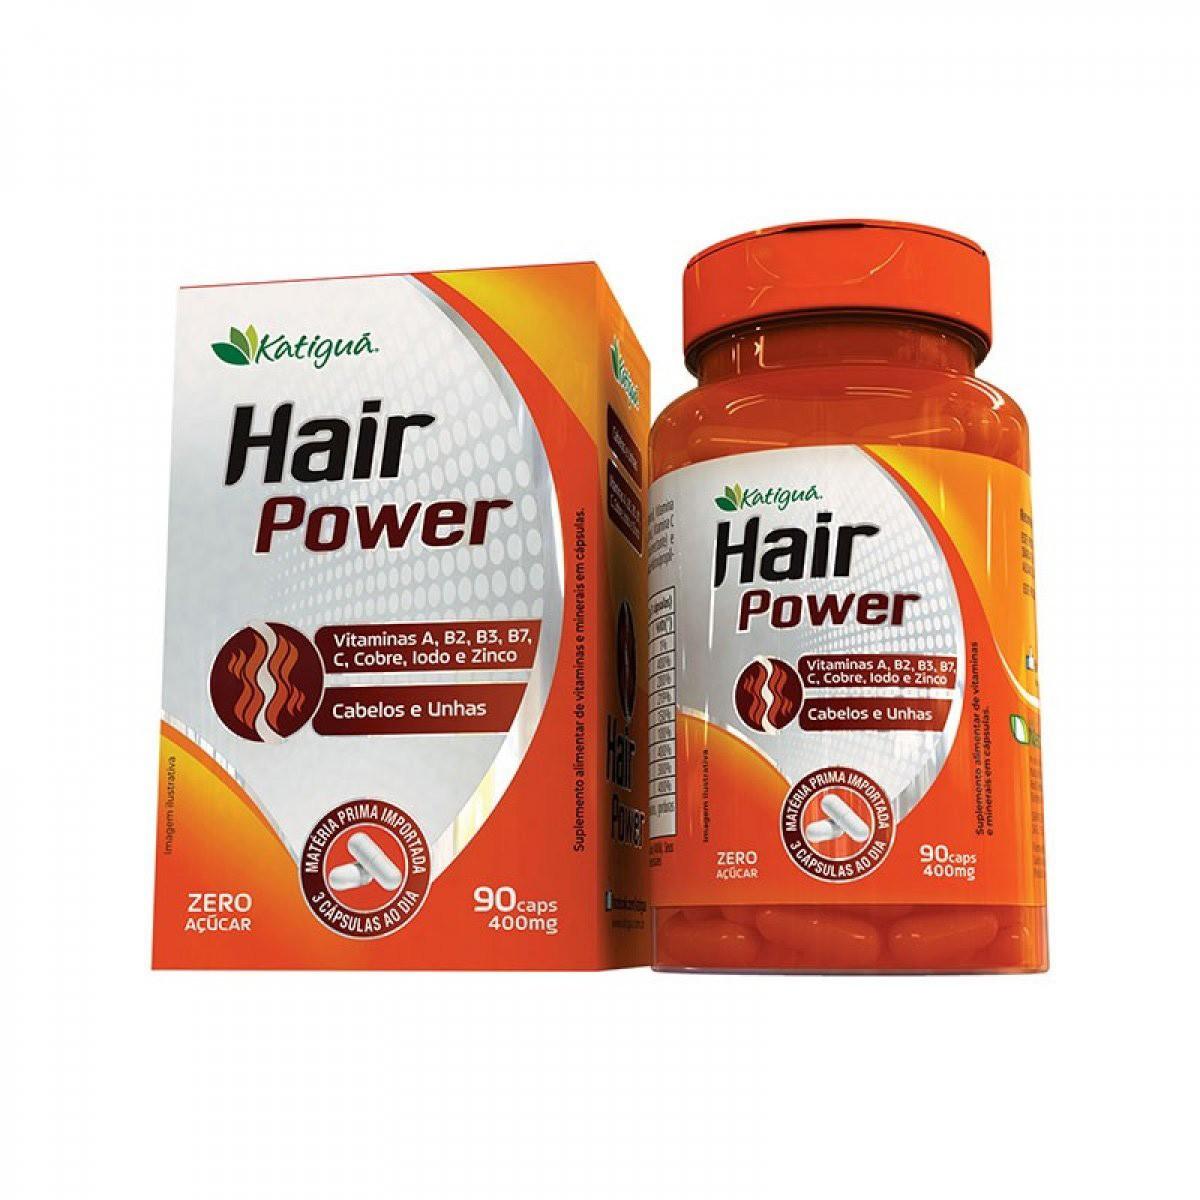 Hair Power Cabelos e Unhas 400mg 90 cápsulas - Katiguá